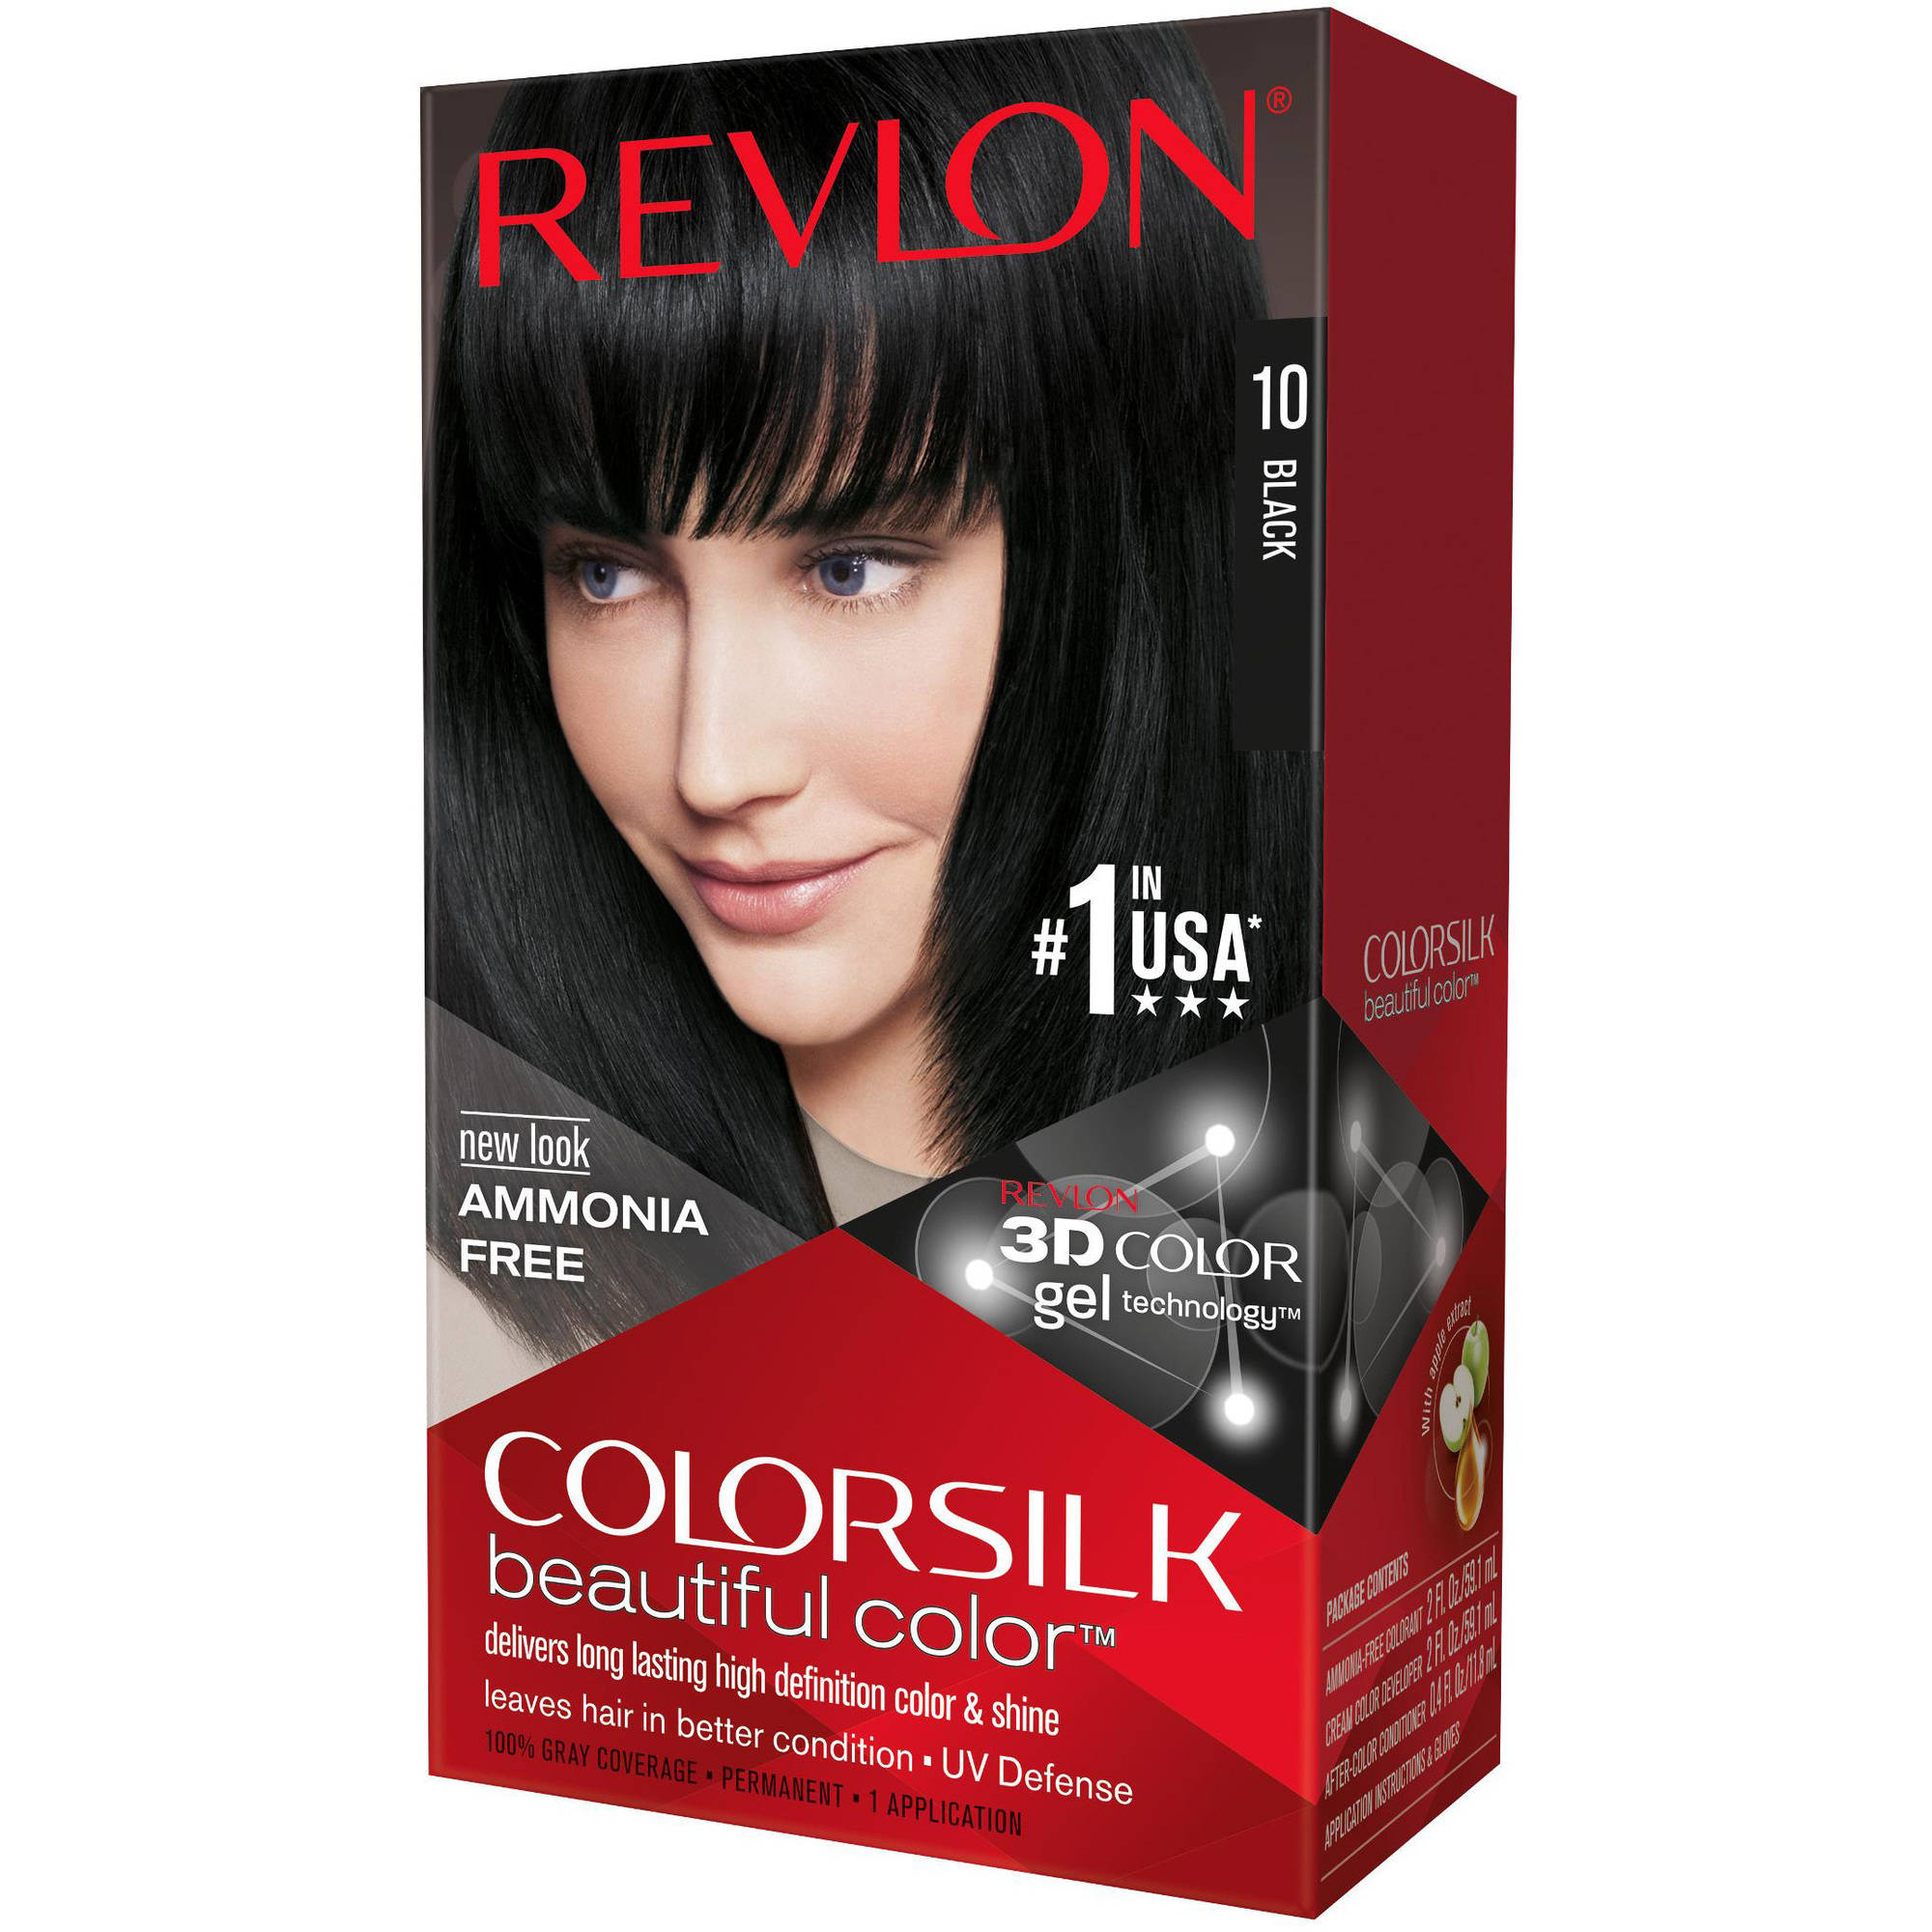 Revlon Colorsilk Beautiful Color Permanent Hair Color, 10 Black